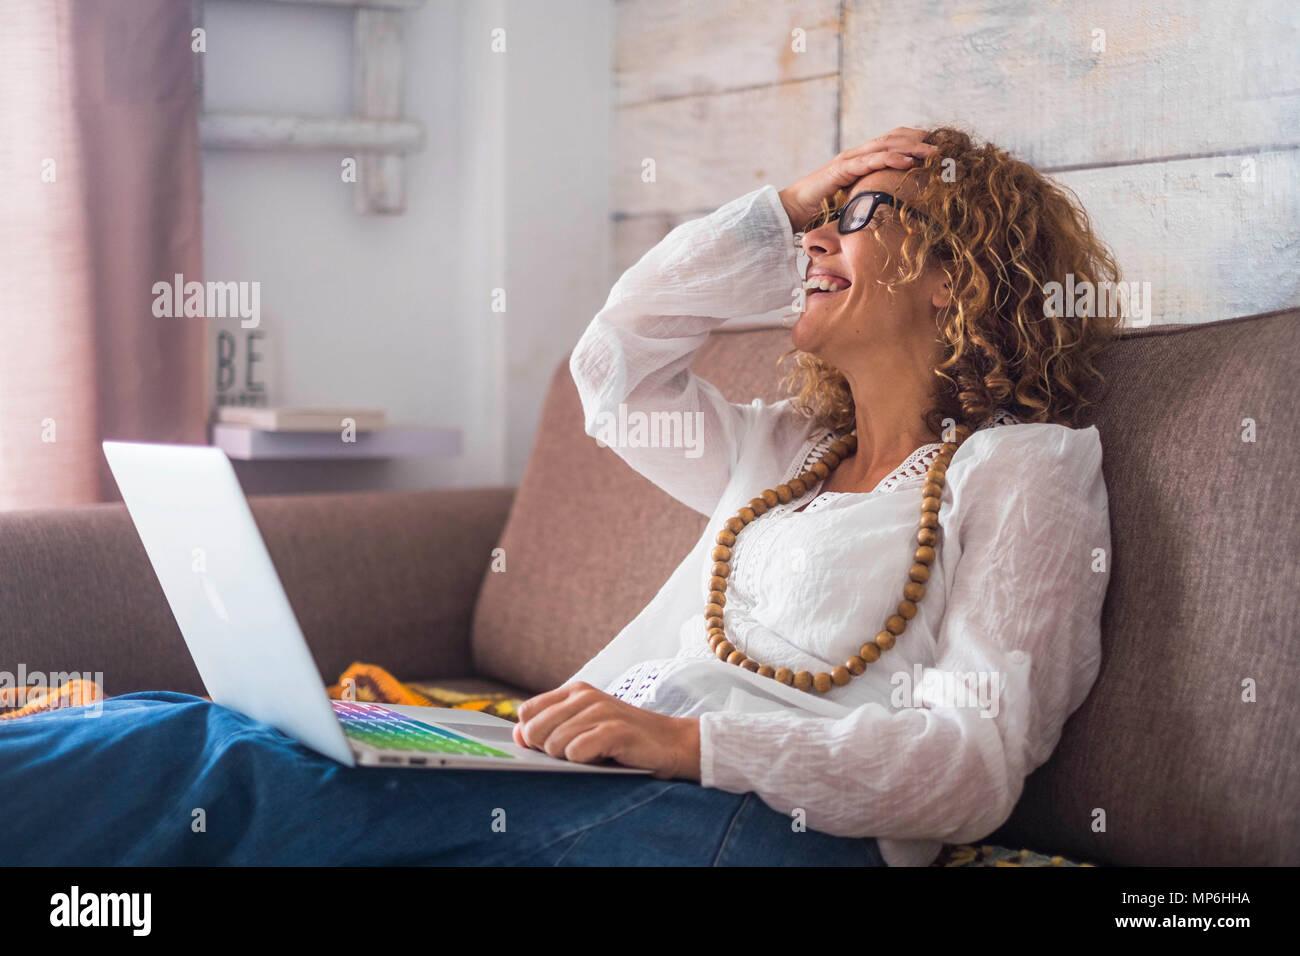 Sonrisa y risa caucasian hermosa mujer de mediana edad sentarse en el sofá en casa con un teclado de color portátil. trabajando feliz concepto independiente Imagen De Stock